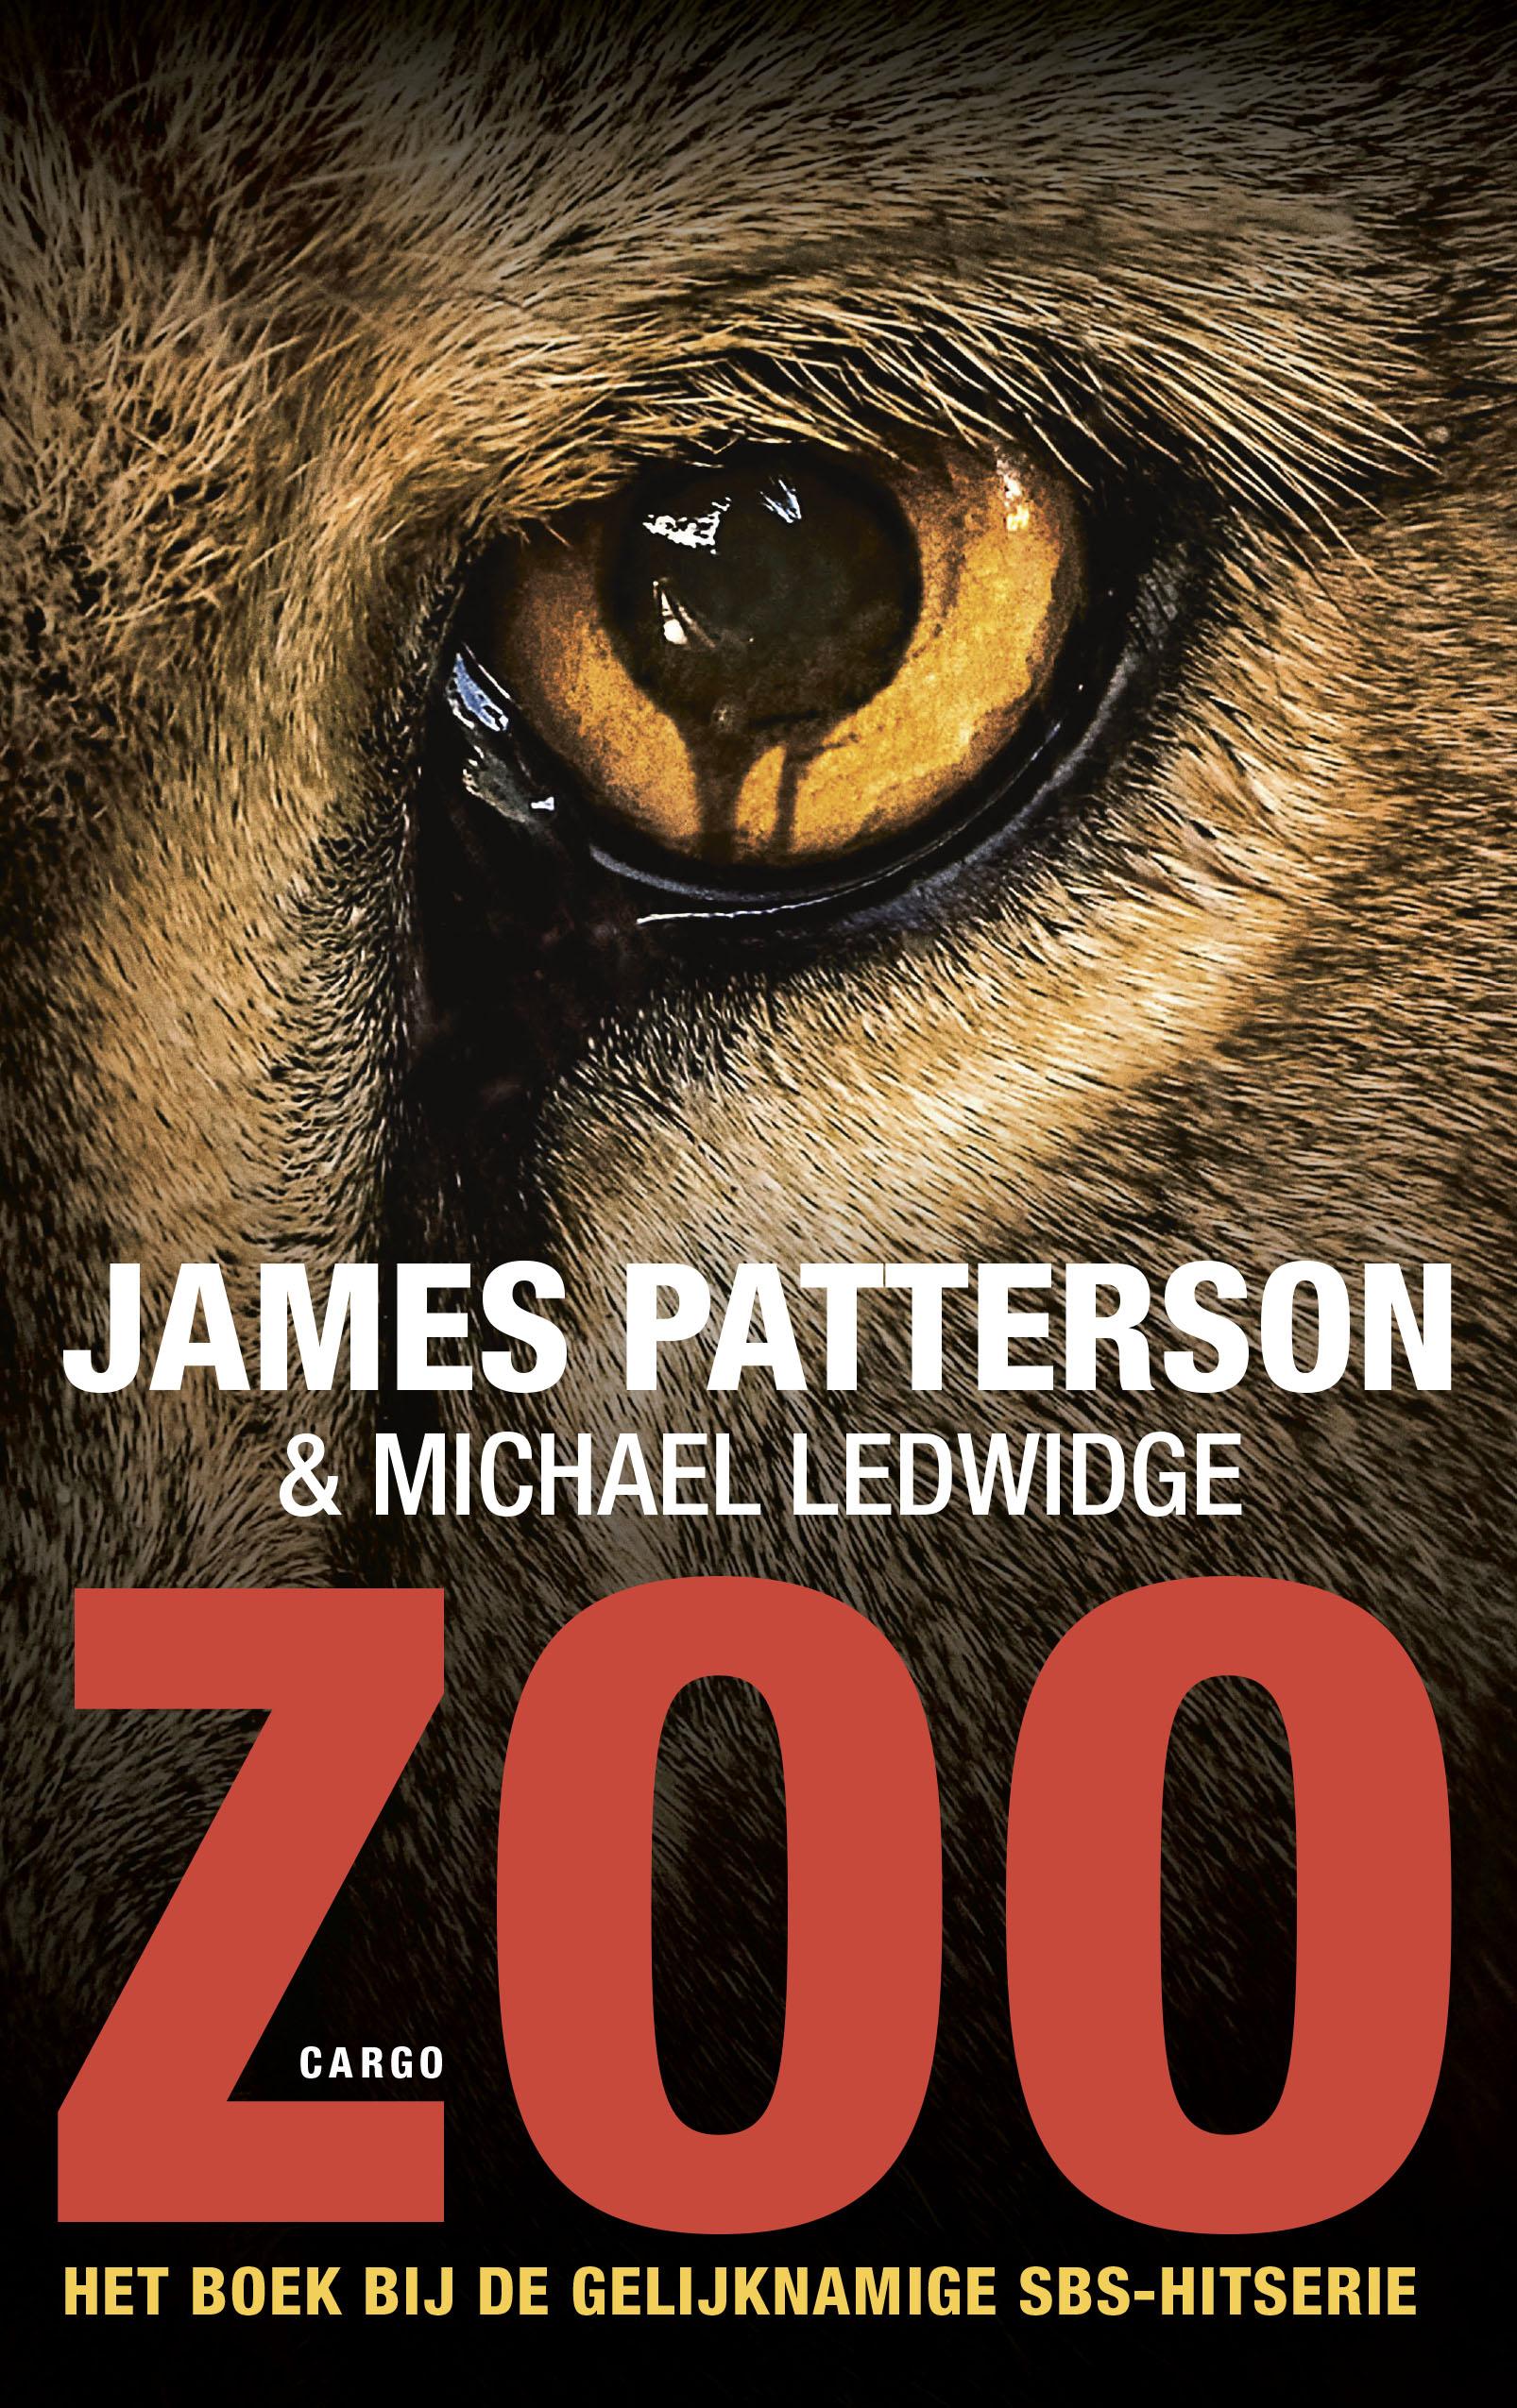 Zoo - boekrecensie